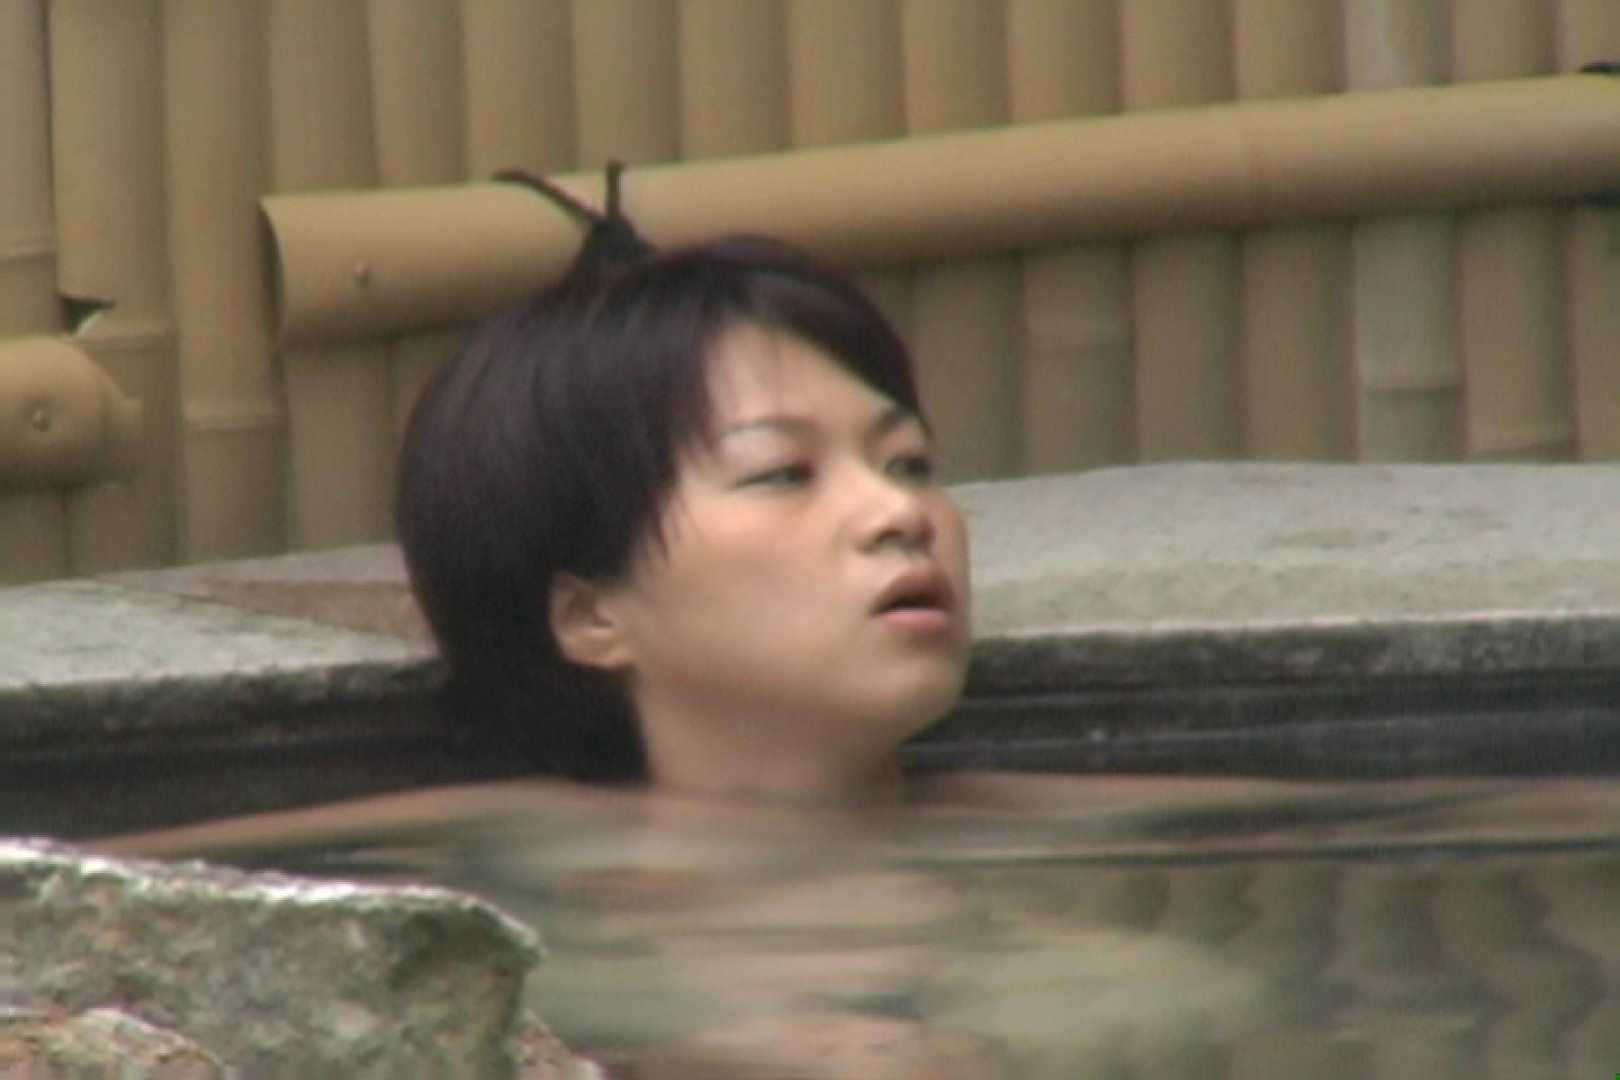 Aquaな露天風呂Vol.624 露天  52画像 27